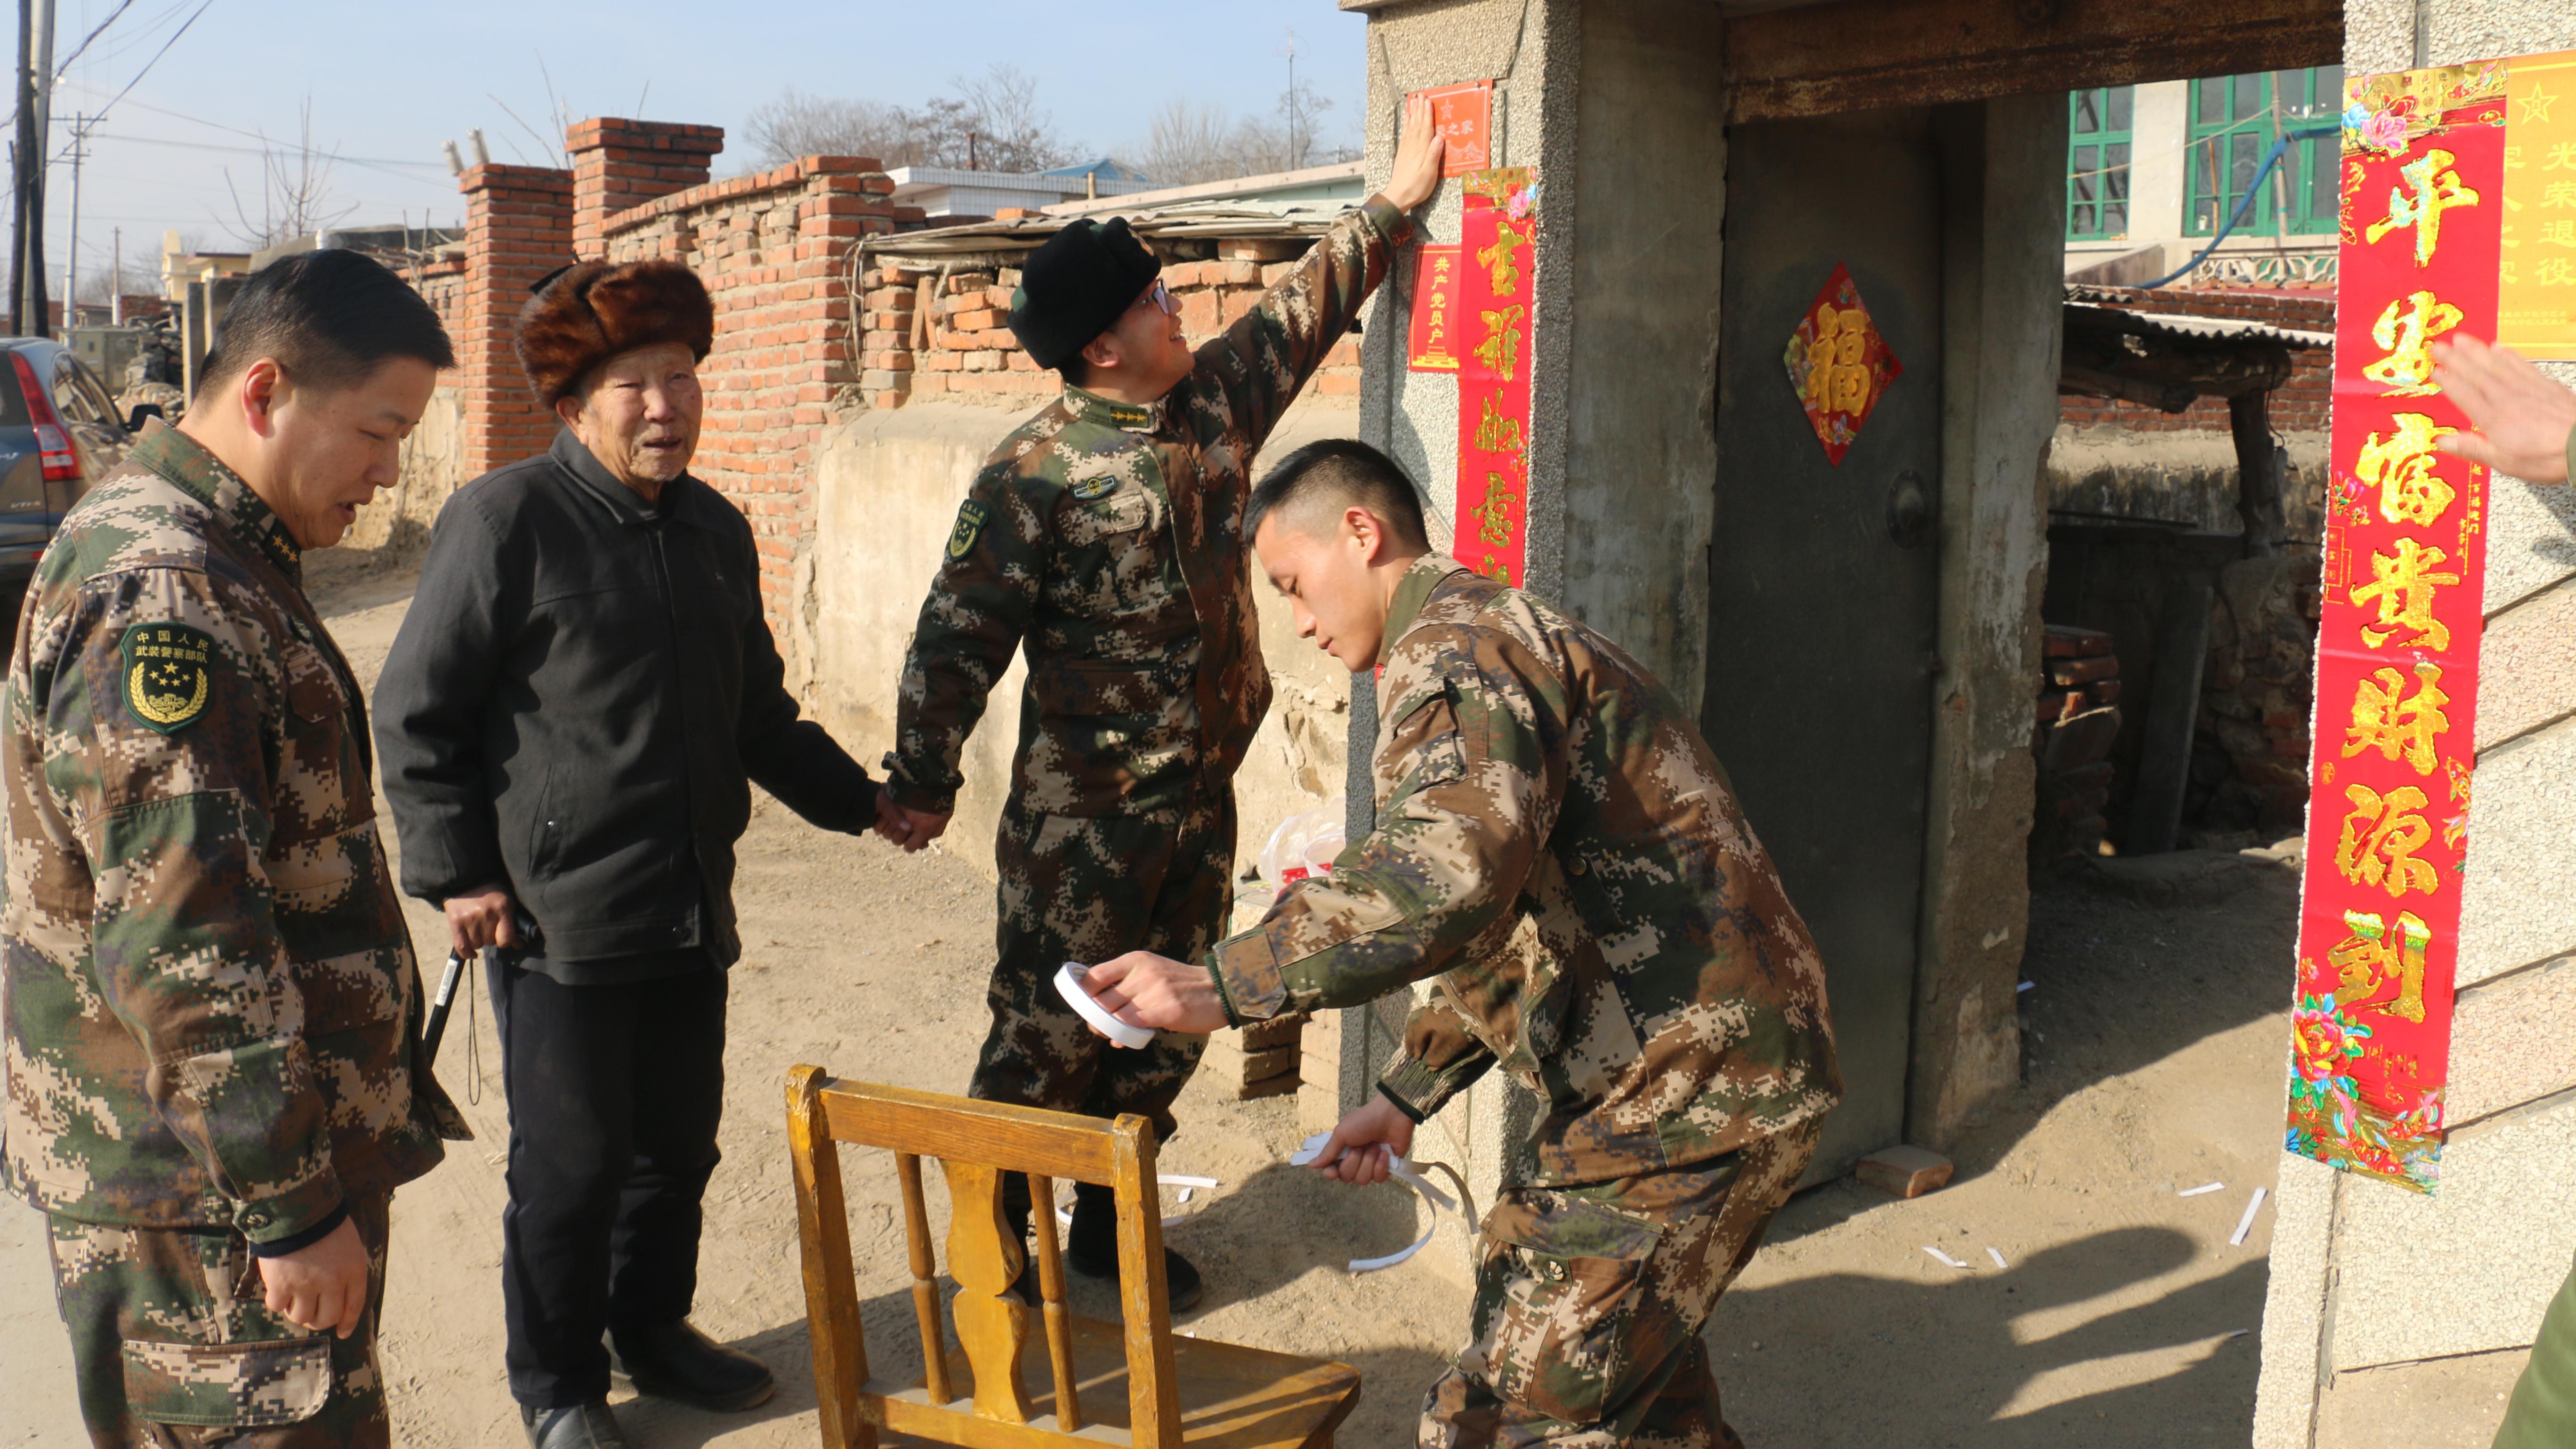 武警某部官兵在春节前夕为孤寡老人送去温暖